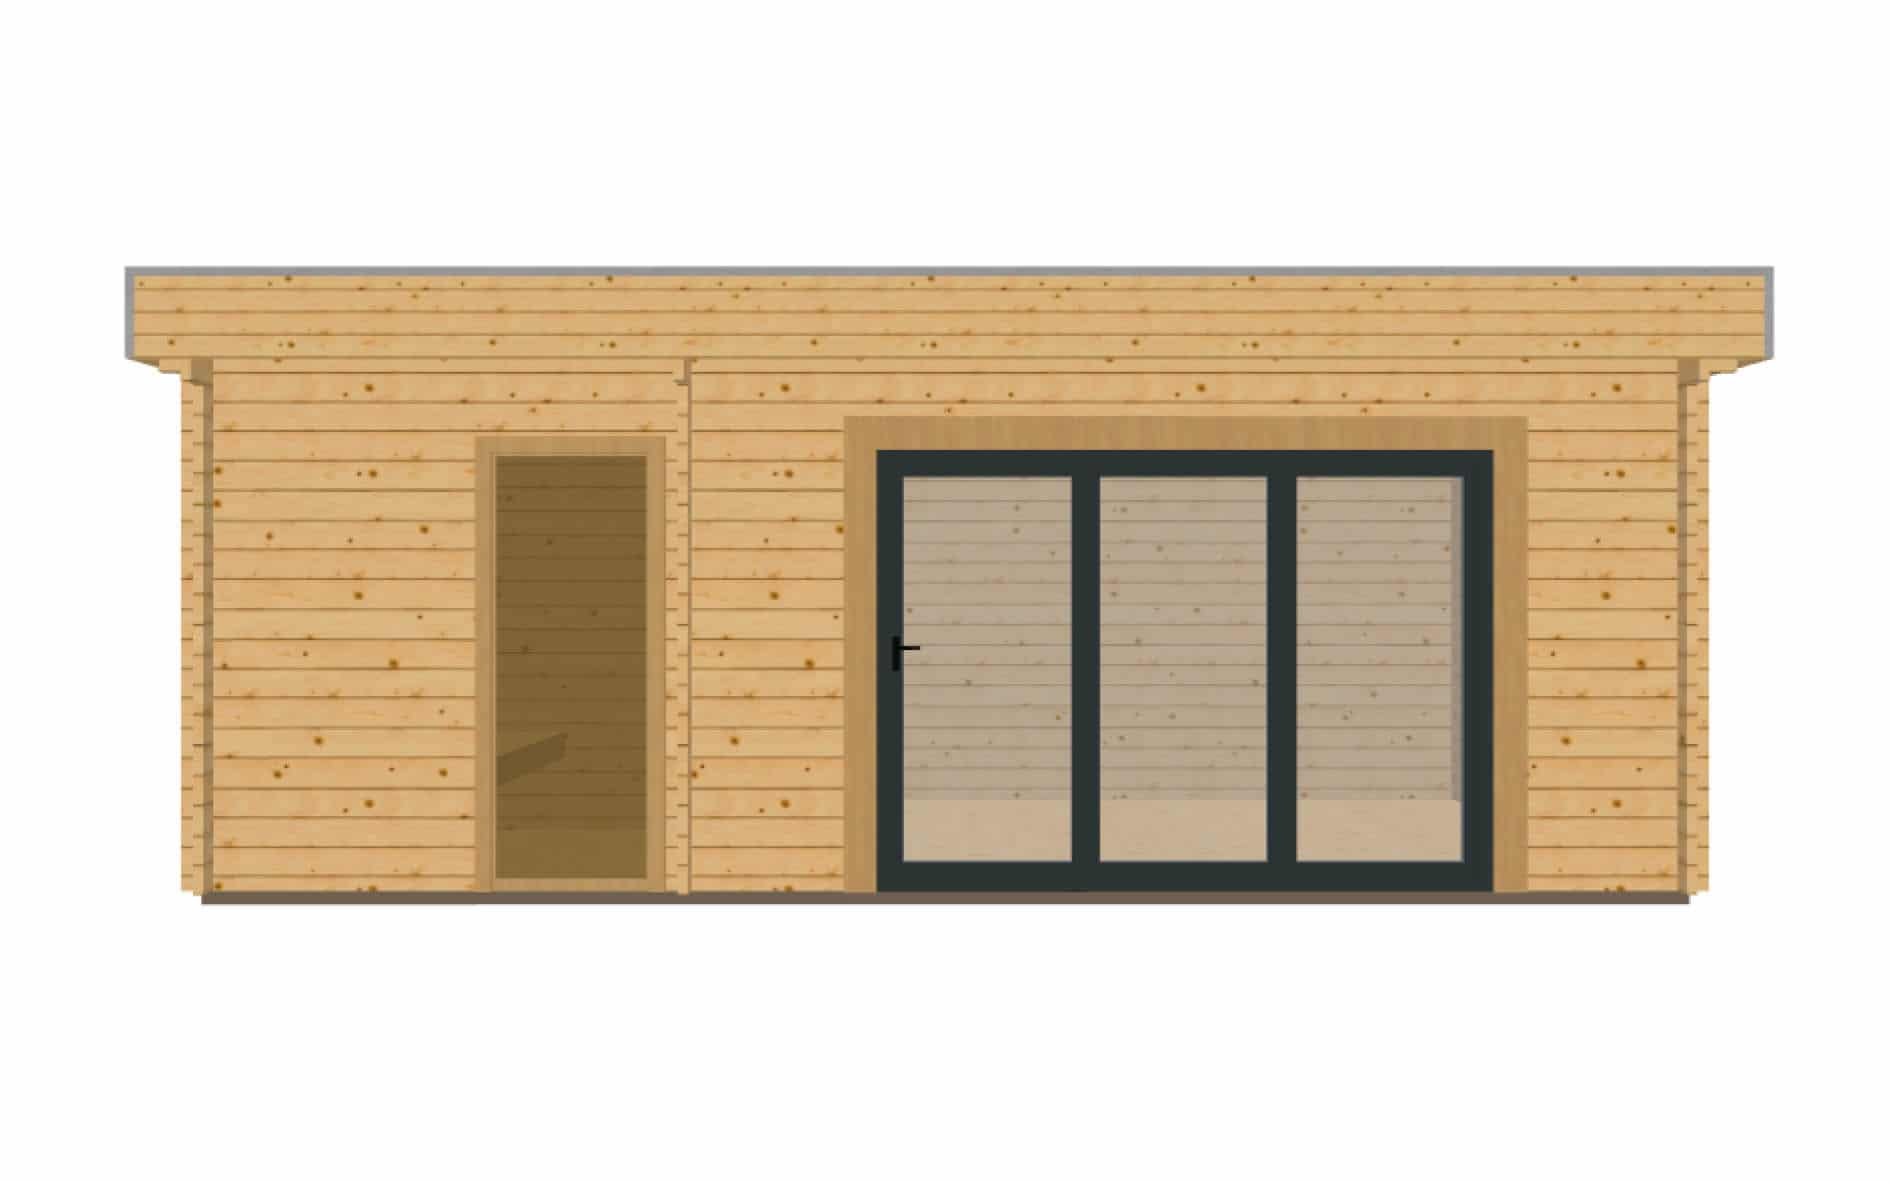 Keops Moderna log cabin with bi-fold door, sauna and wet room